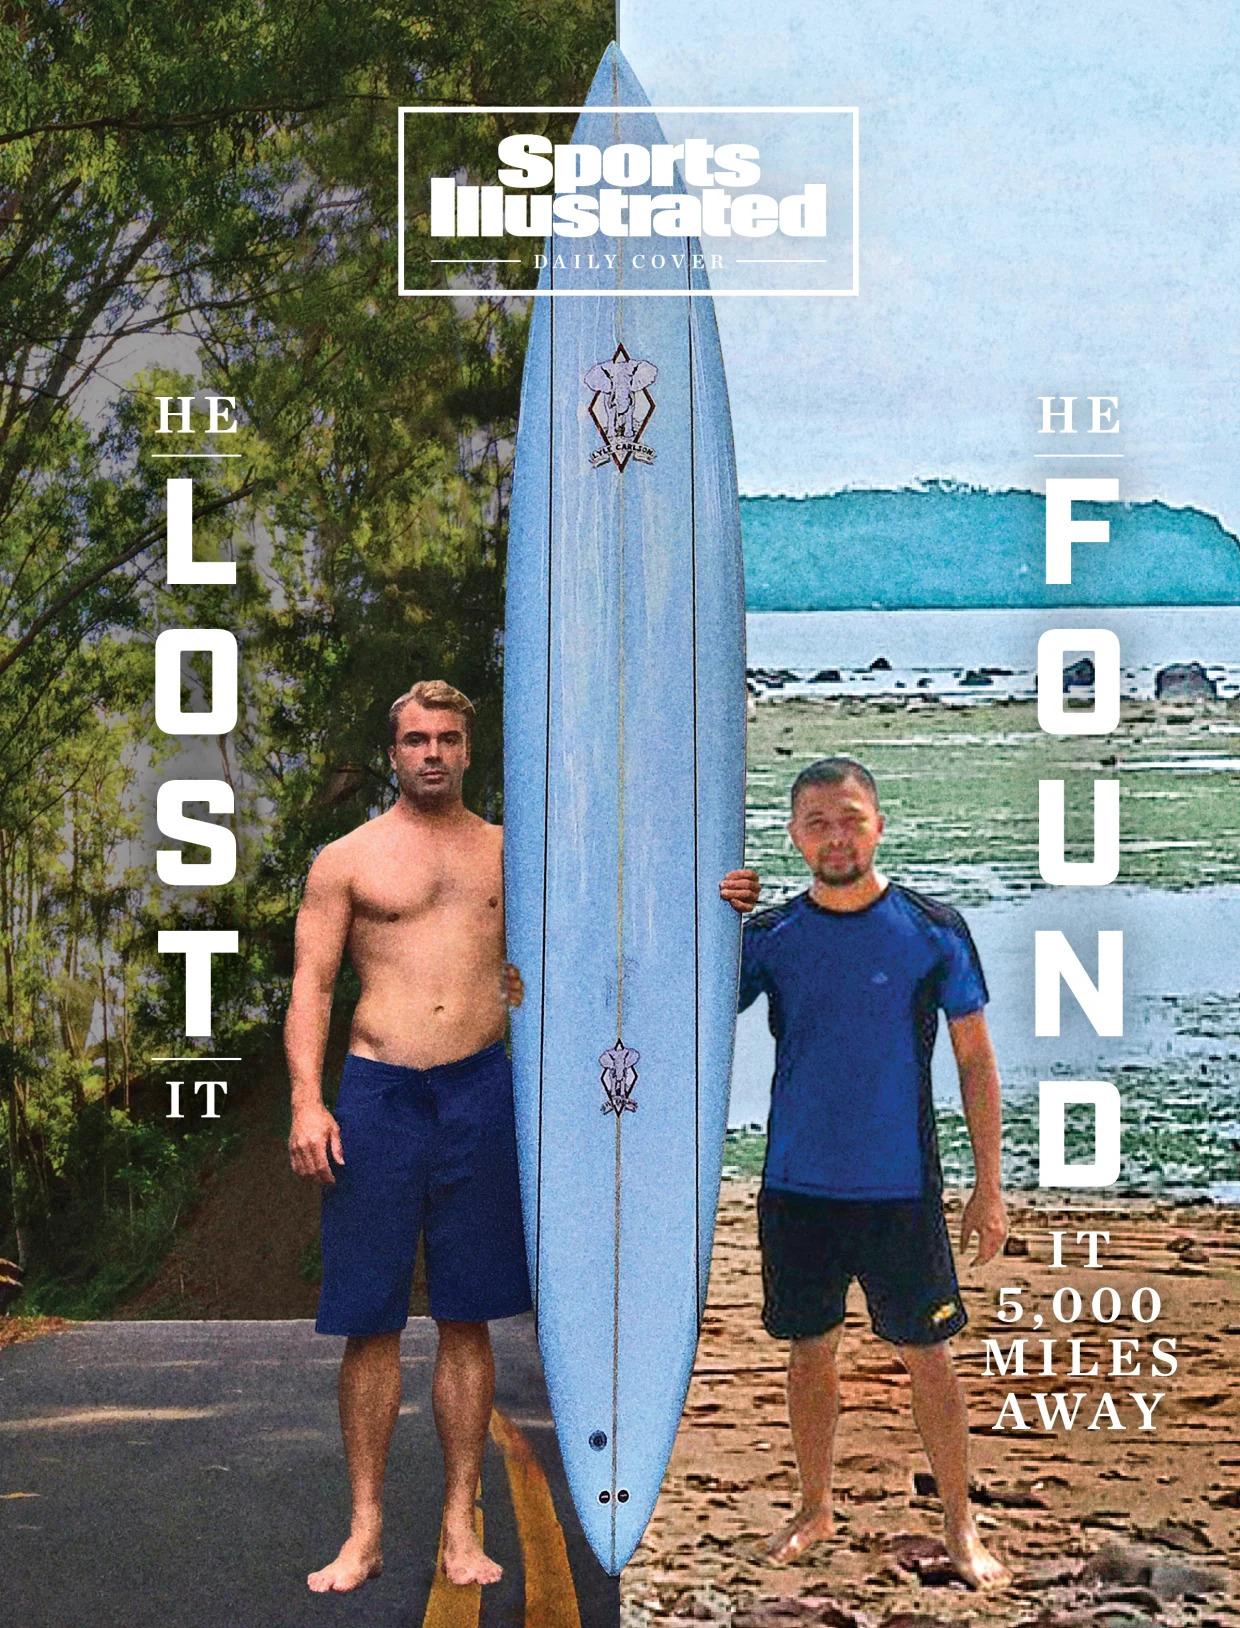 SI-surfboardstory